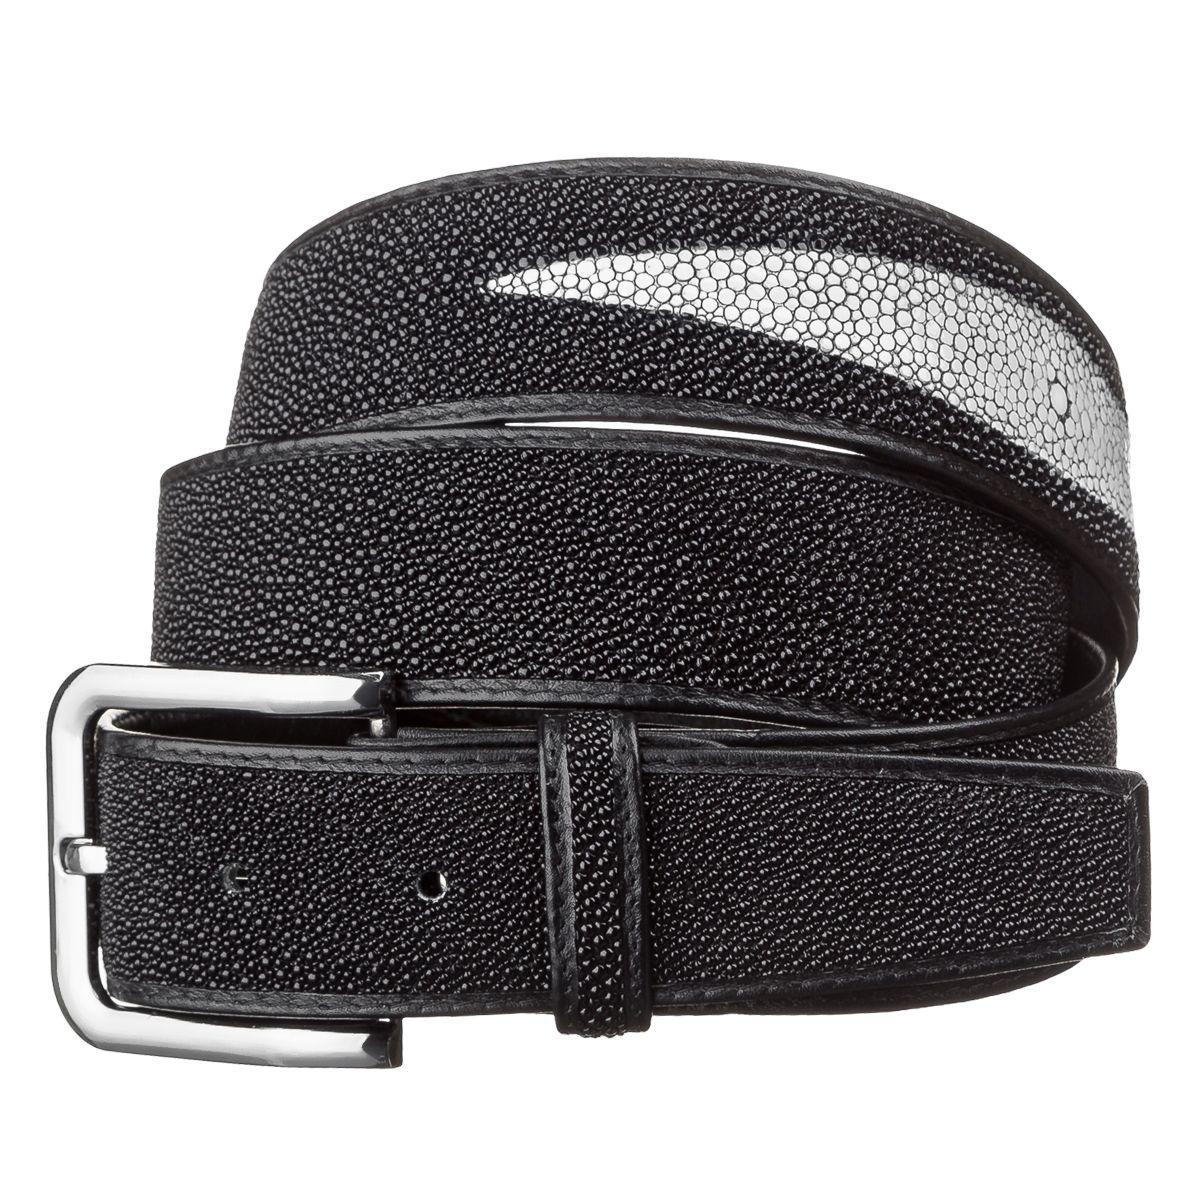 Ремень мужской из натуральной кожи морского ската Ekzotic Leather Черный (stb 08)